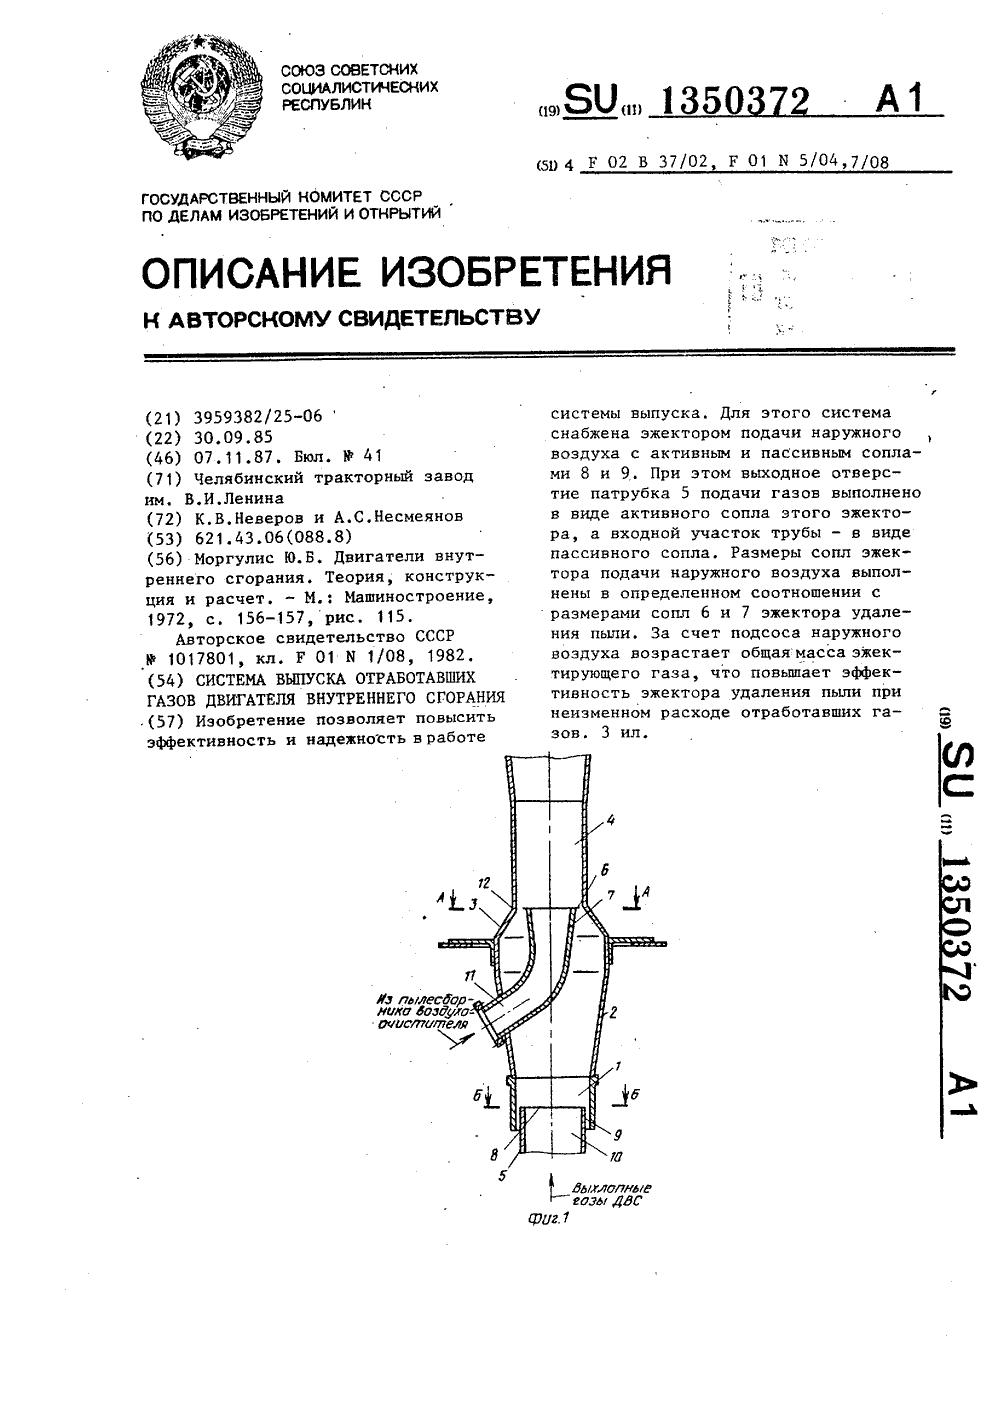 ustanovka-dlya-otsosa-otrabotavshih-gazov